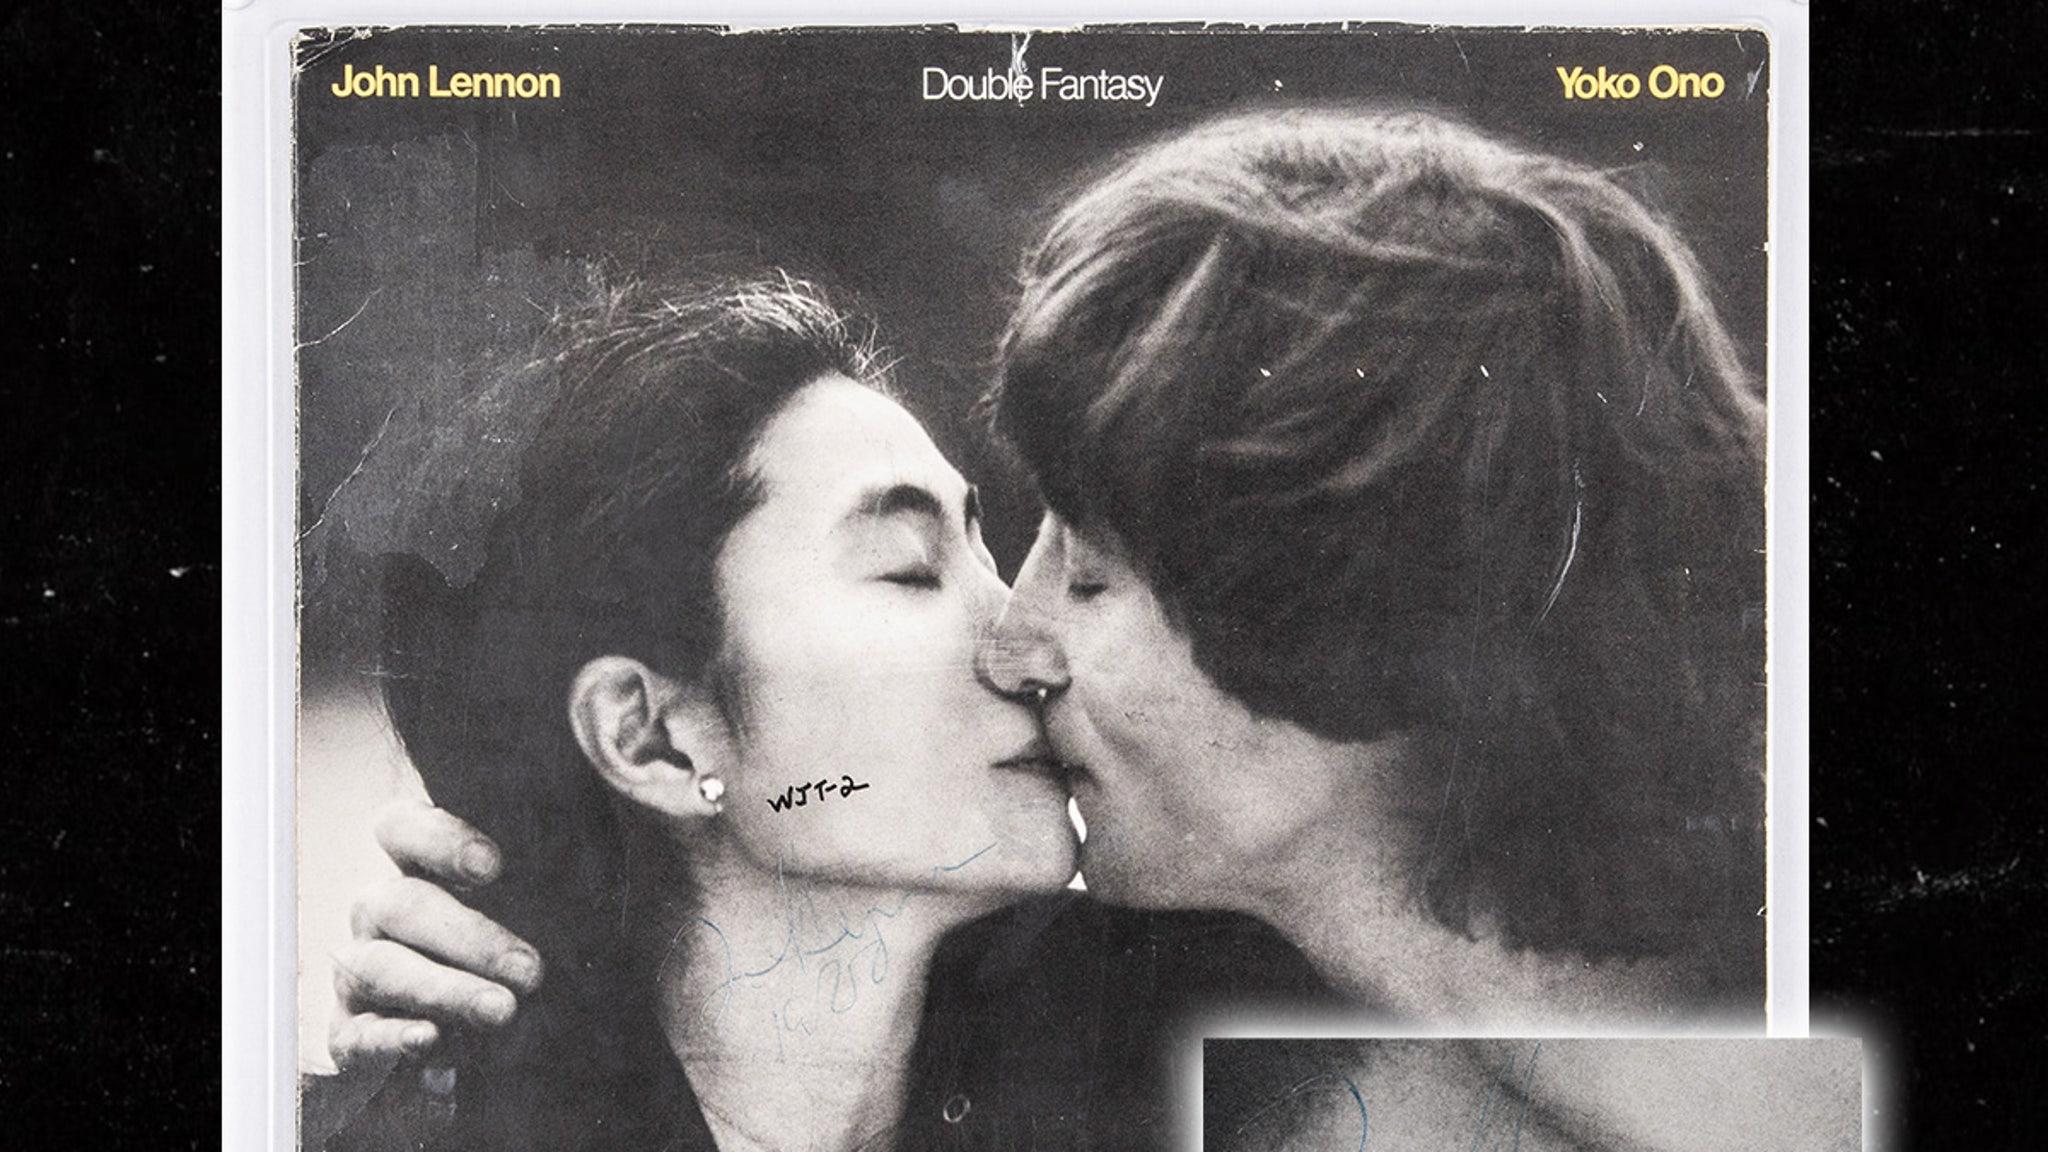 Album John Lennon Signed for Murderer Expected to Get $2 Million at Auction